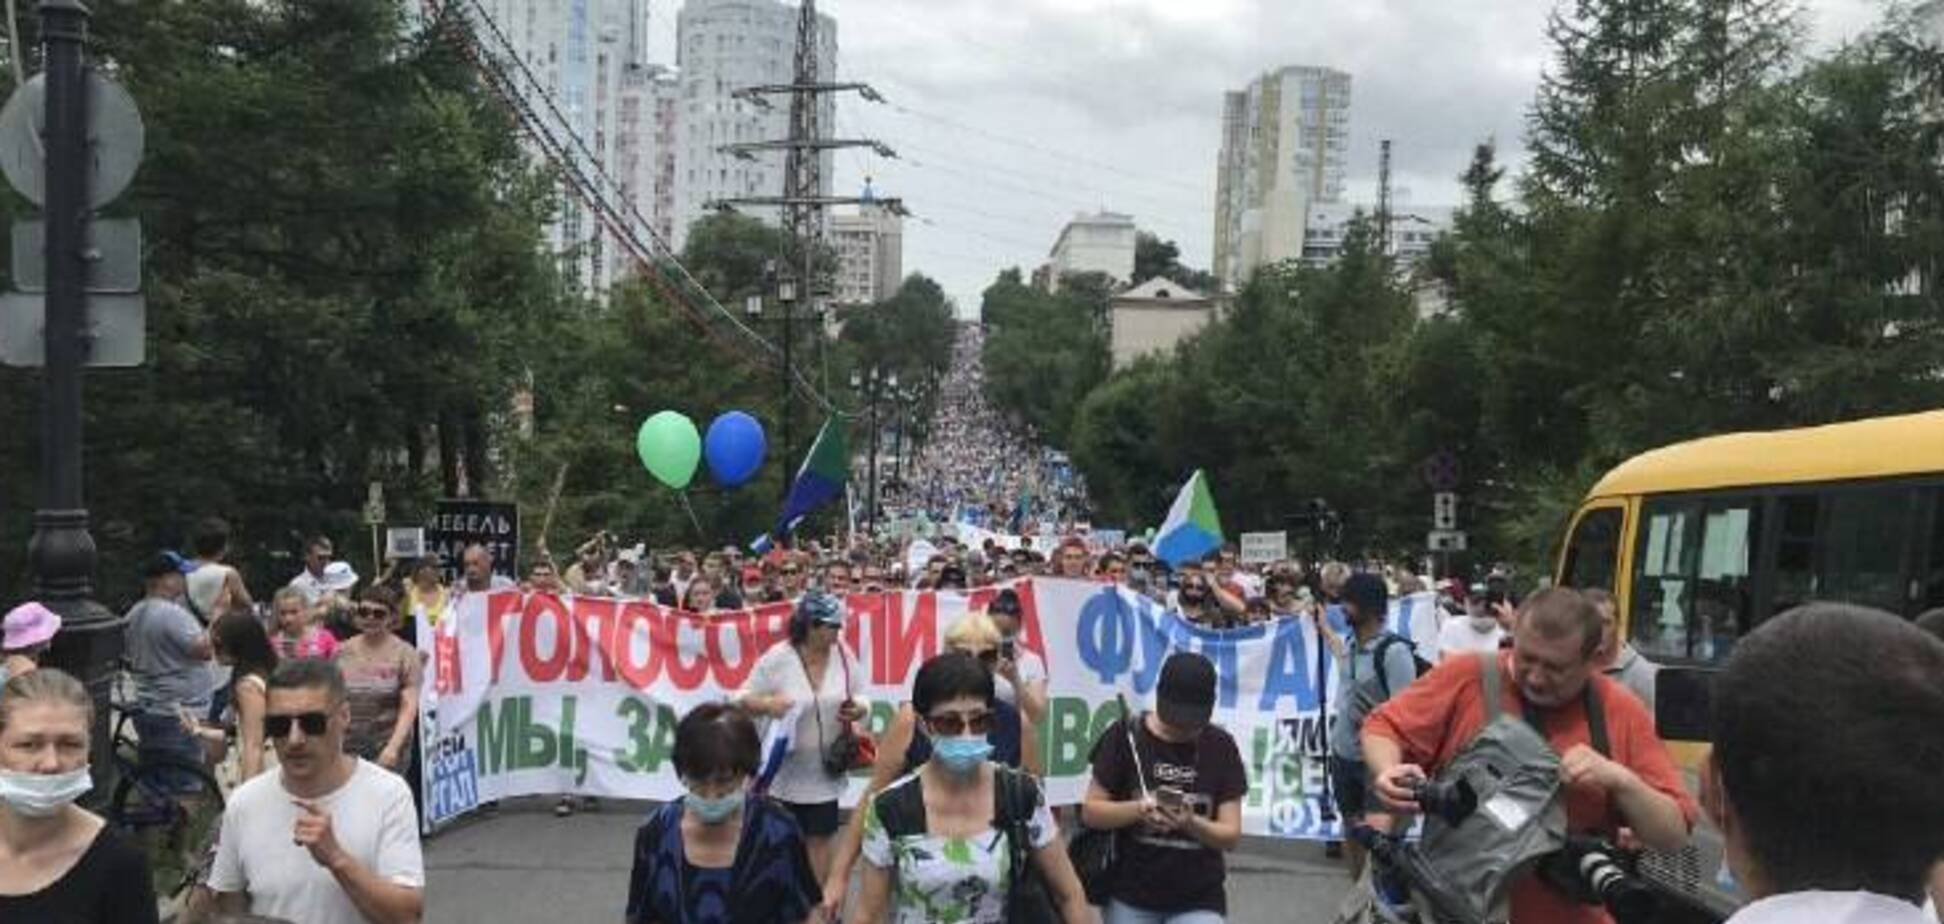 У Росії спалахнула наймасштабніша акція протесту: вимагають скинути Путіна. Фото і відео